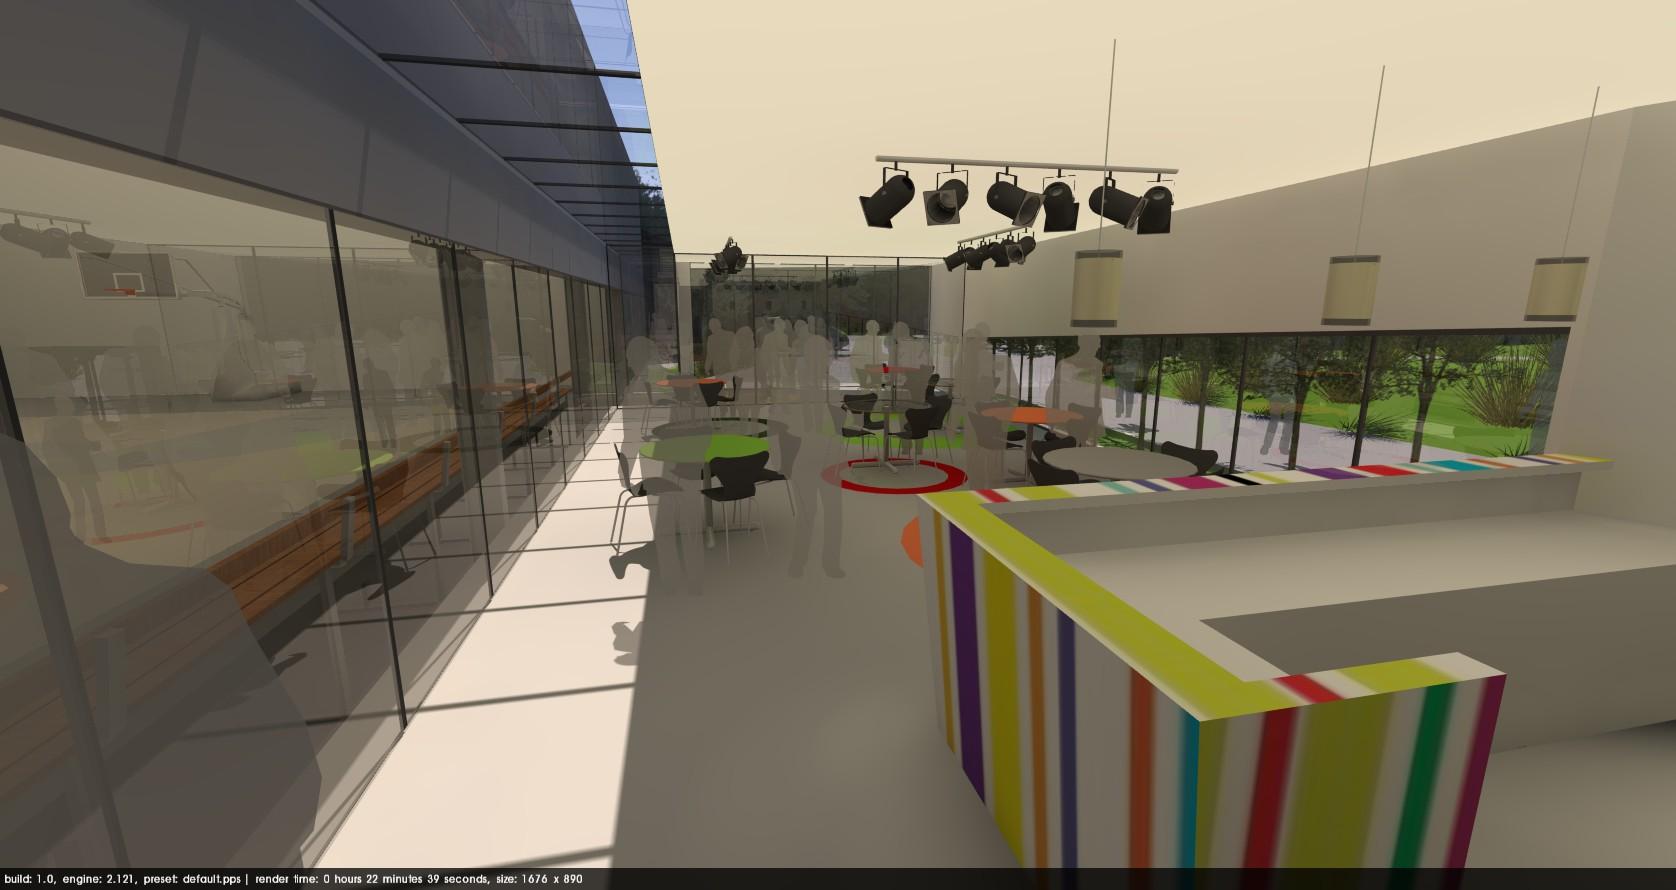 3D Tilf 03 2011-06-10 21170700000